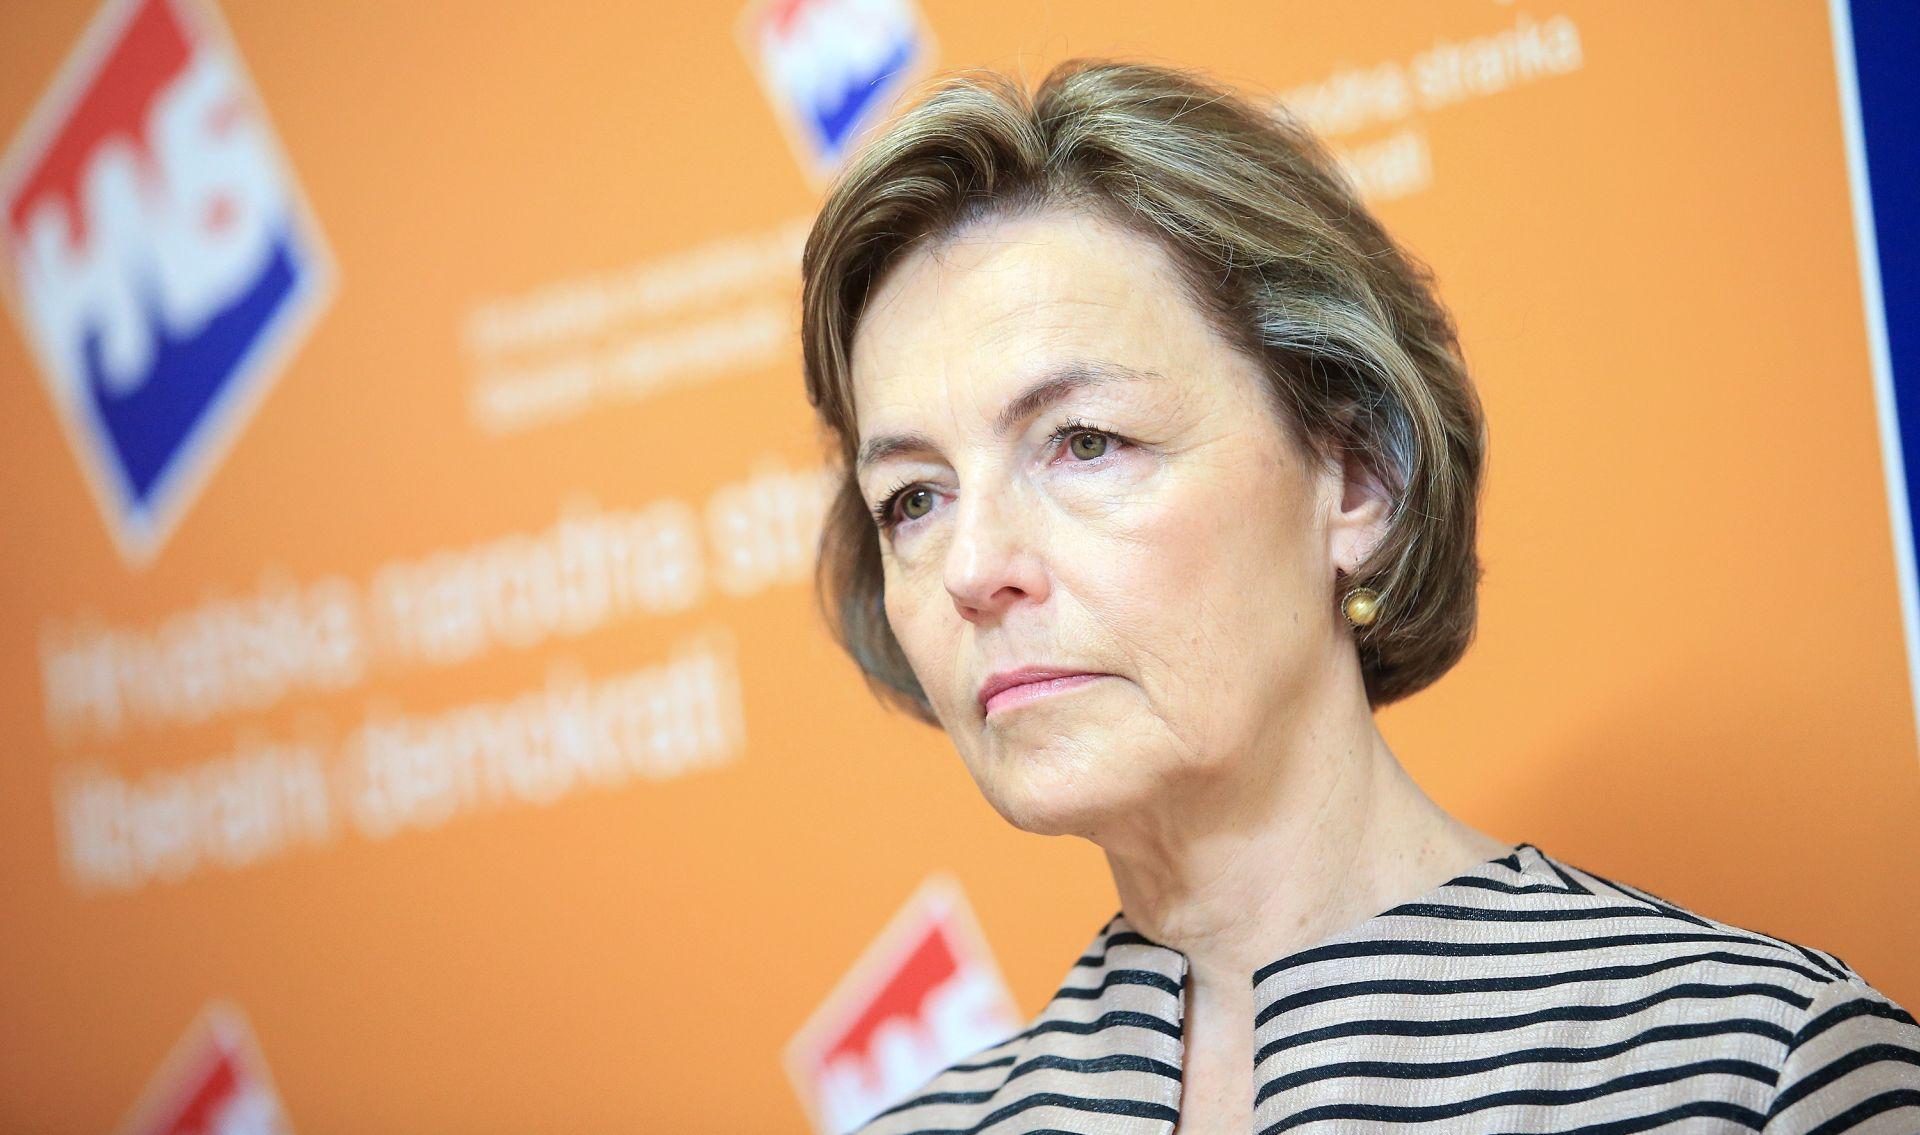 NOVA AFERA: MVEP kupio zgradu u Bruxellesu za 11.5 milijuna eura, nakon tri godine i dalje plaća najam